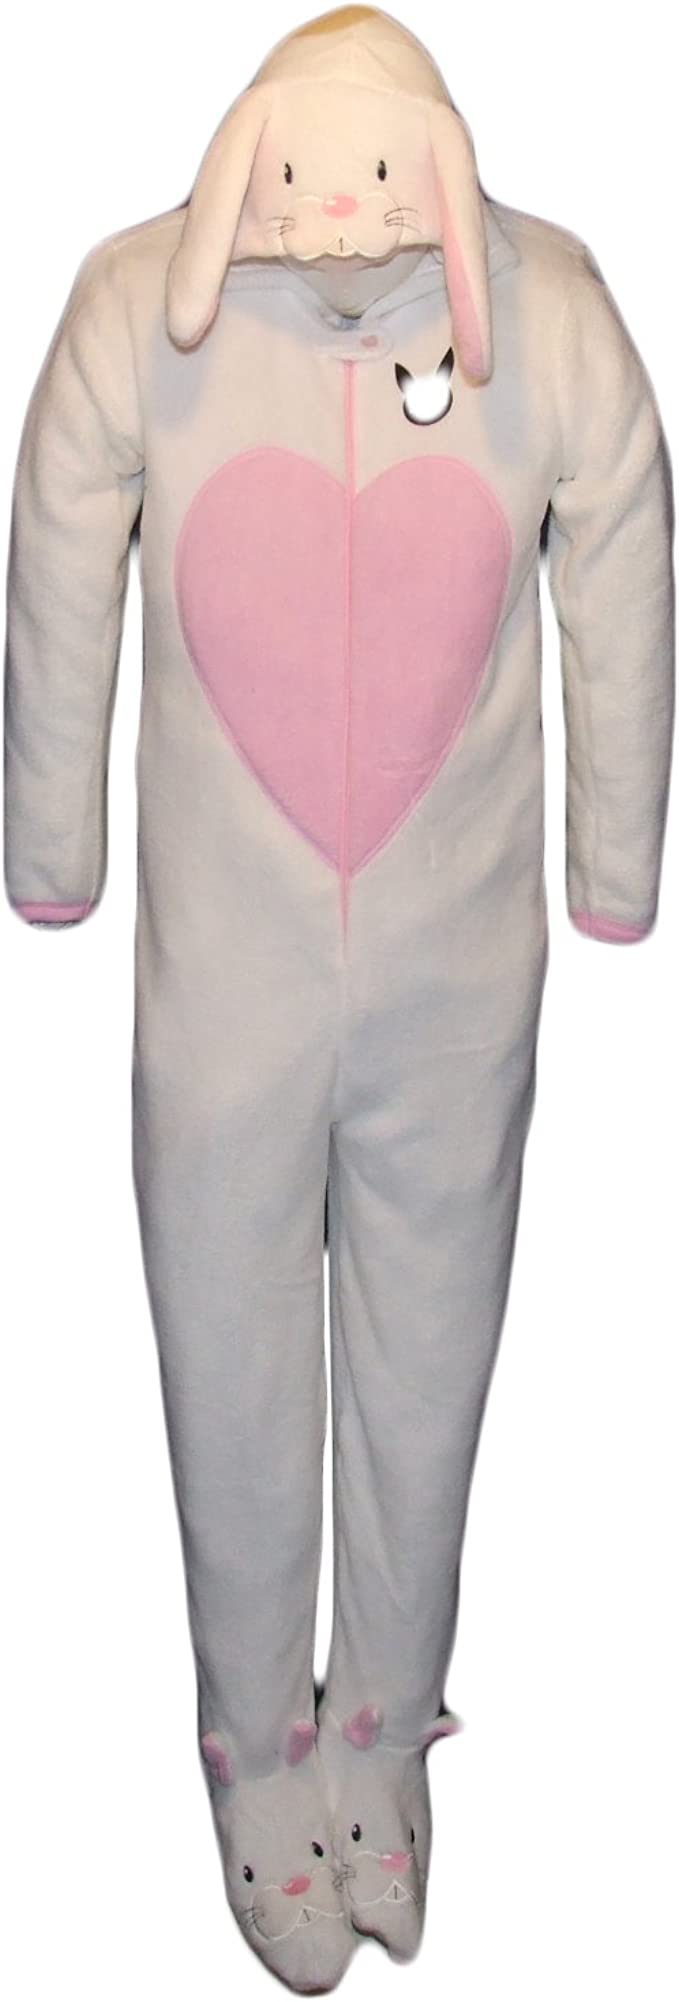 Primark Essentials - Pijama - Manga Larga - para niña blanco ...